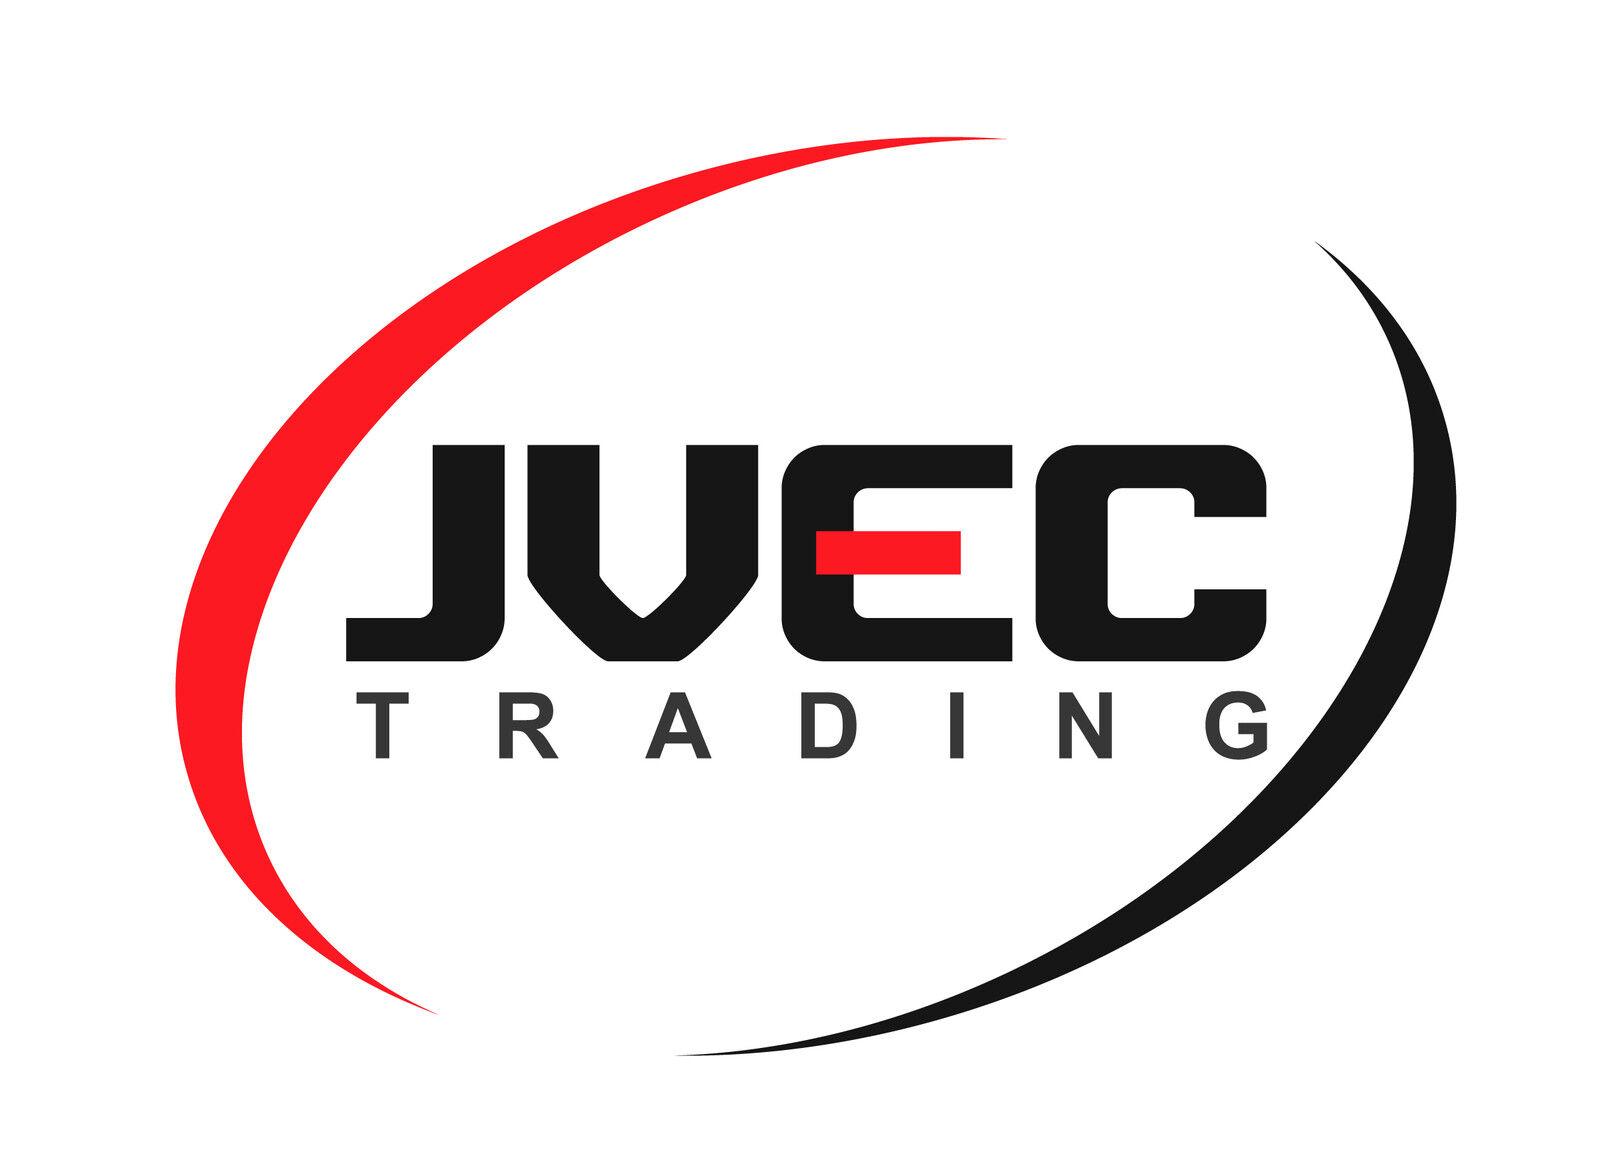 JVEC Trading